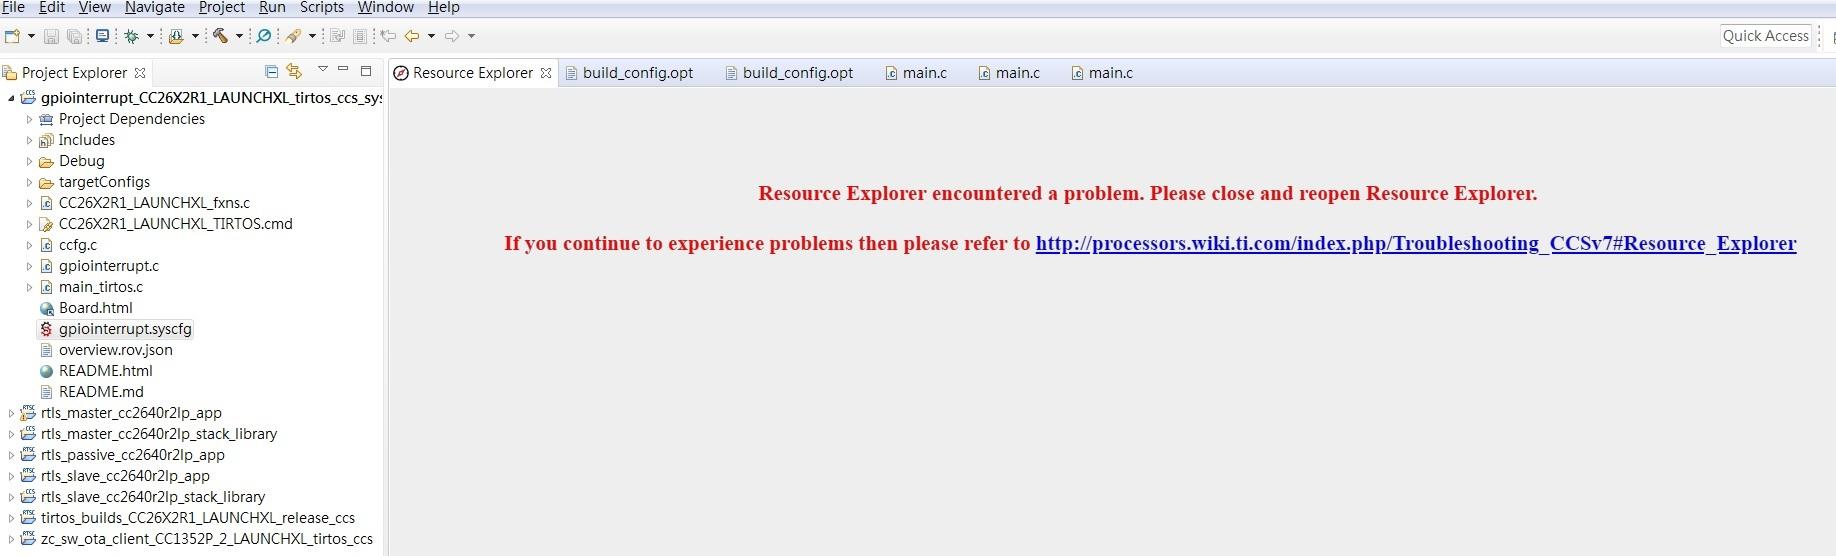 Resolved] CCS/CCSTUDIO: Resource Explorer encountered a